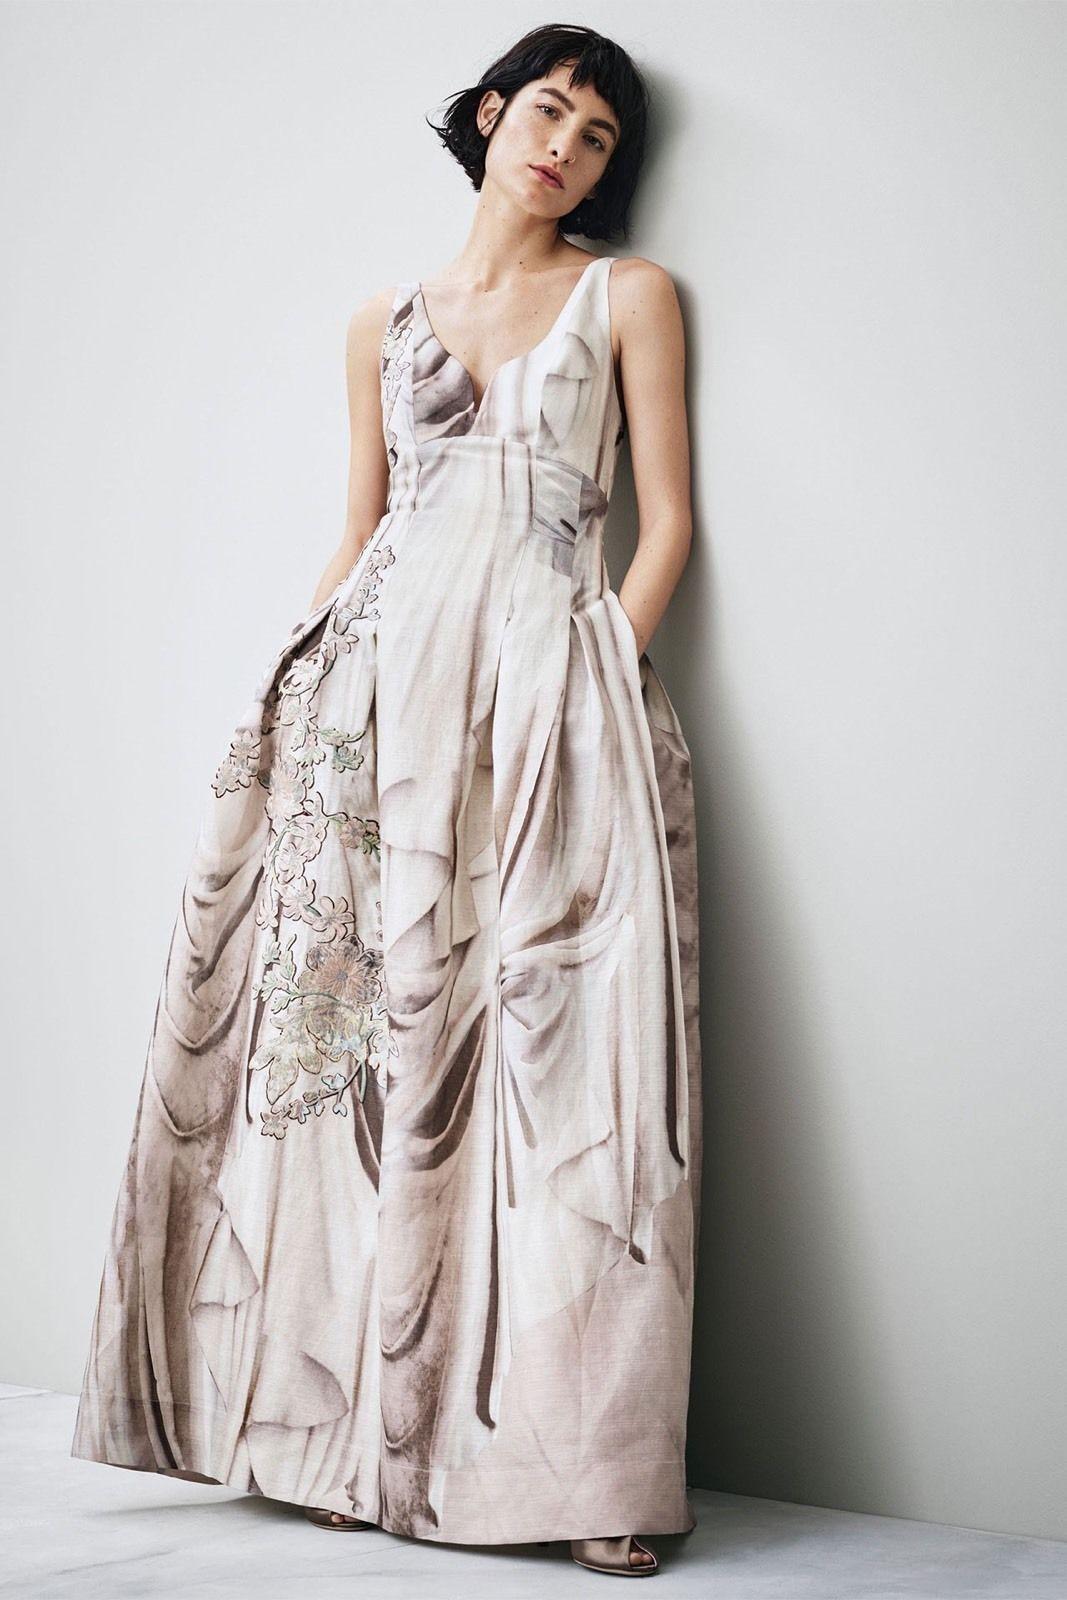 Dokonalé spoločenské svadobné boho šaty Hodváb+ľan - Obrázok č. 3